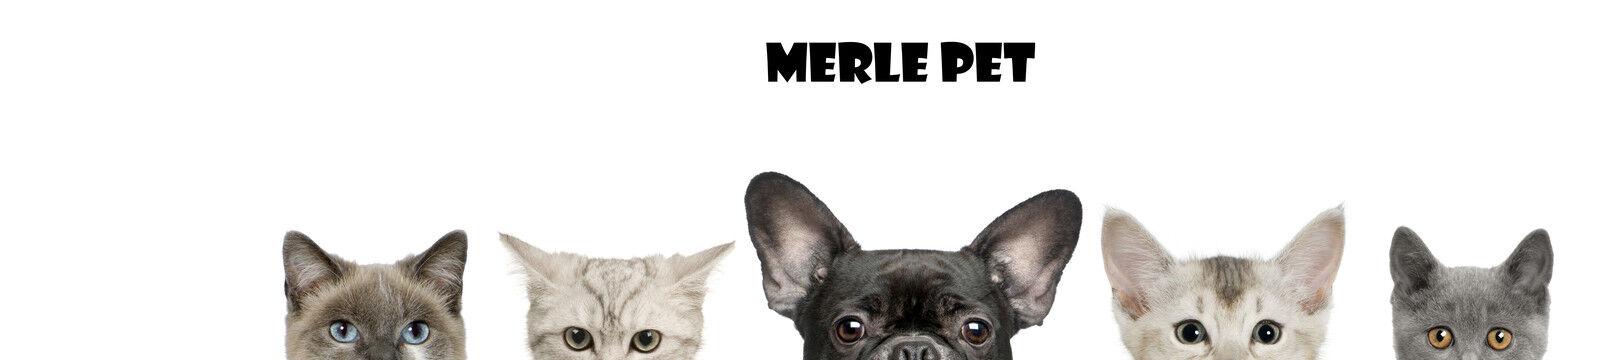 MERLE PET